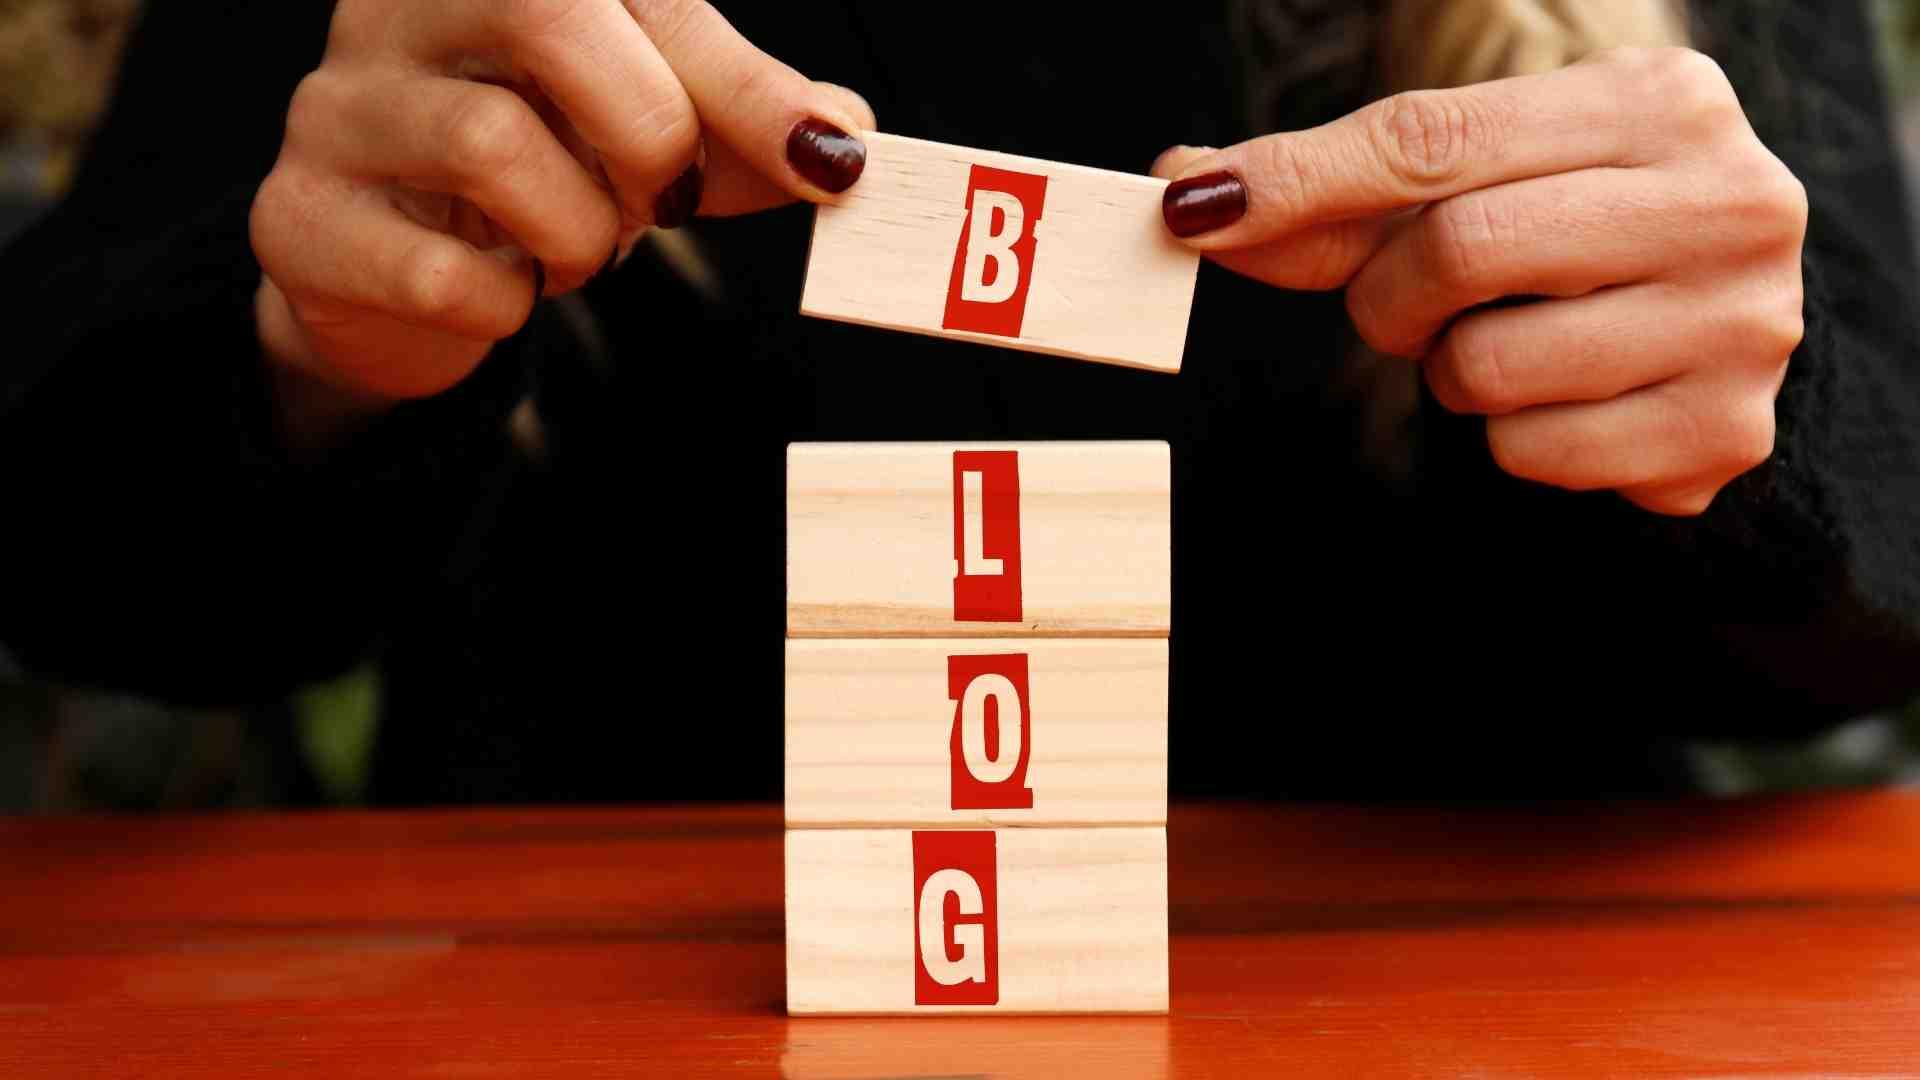 6 motivi per avere un blog aziendale nel 2021. Una guida ai vantaggi per la tua attività.